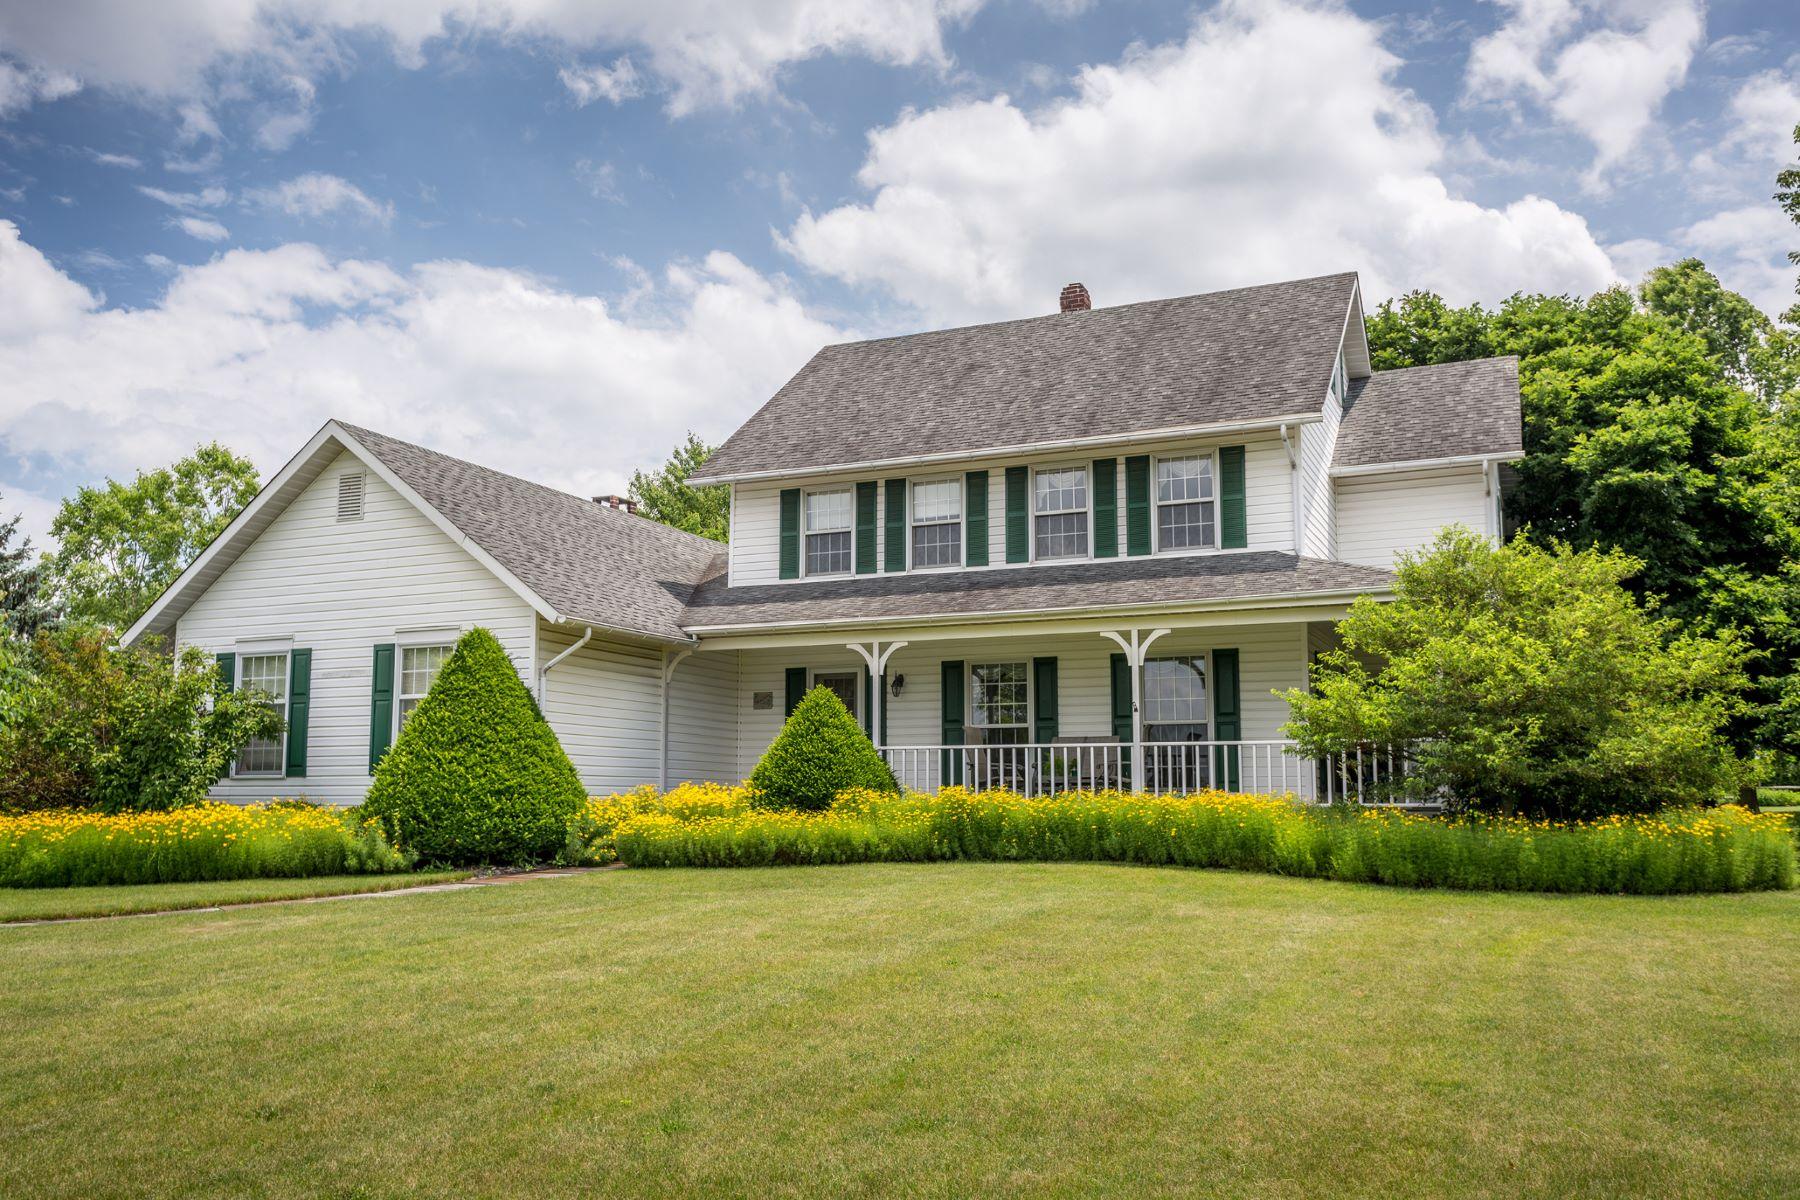 Частный односемейный дом для того Продажа на 5758 Township Line Rd Pipersville, Пенсильвания, 18947 Соединенные Штаты